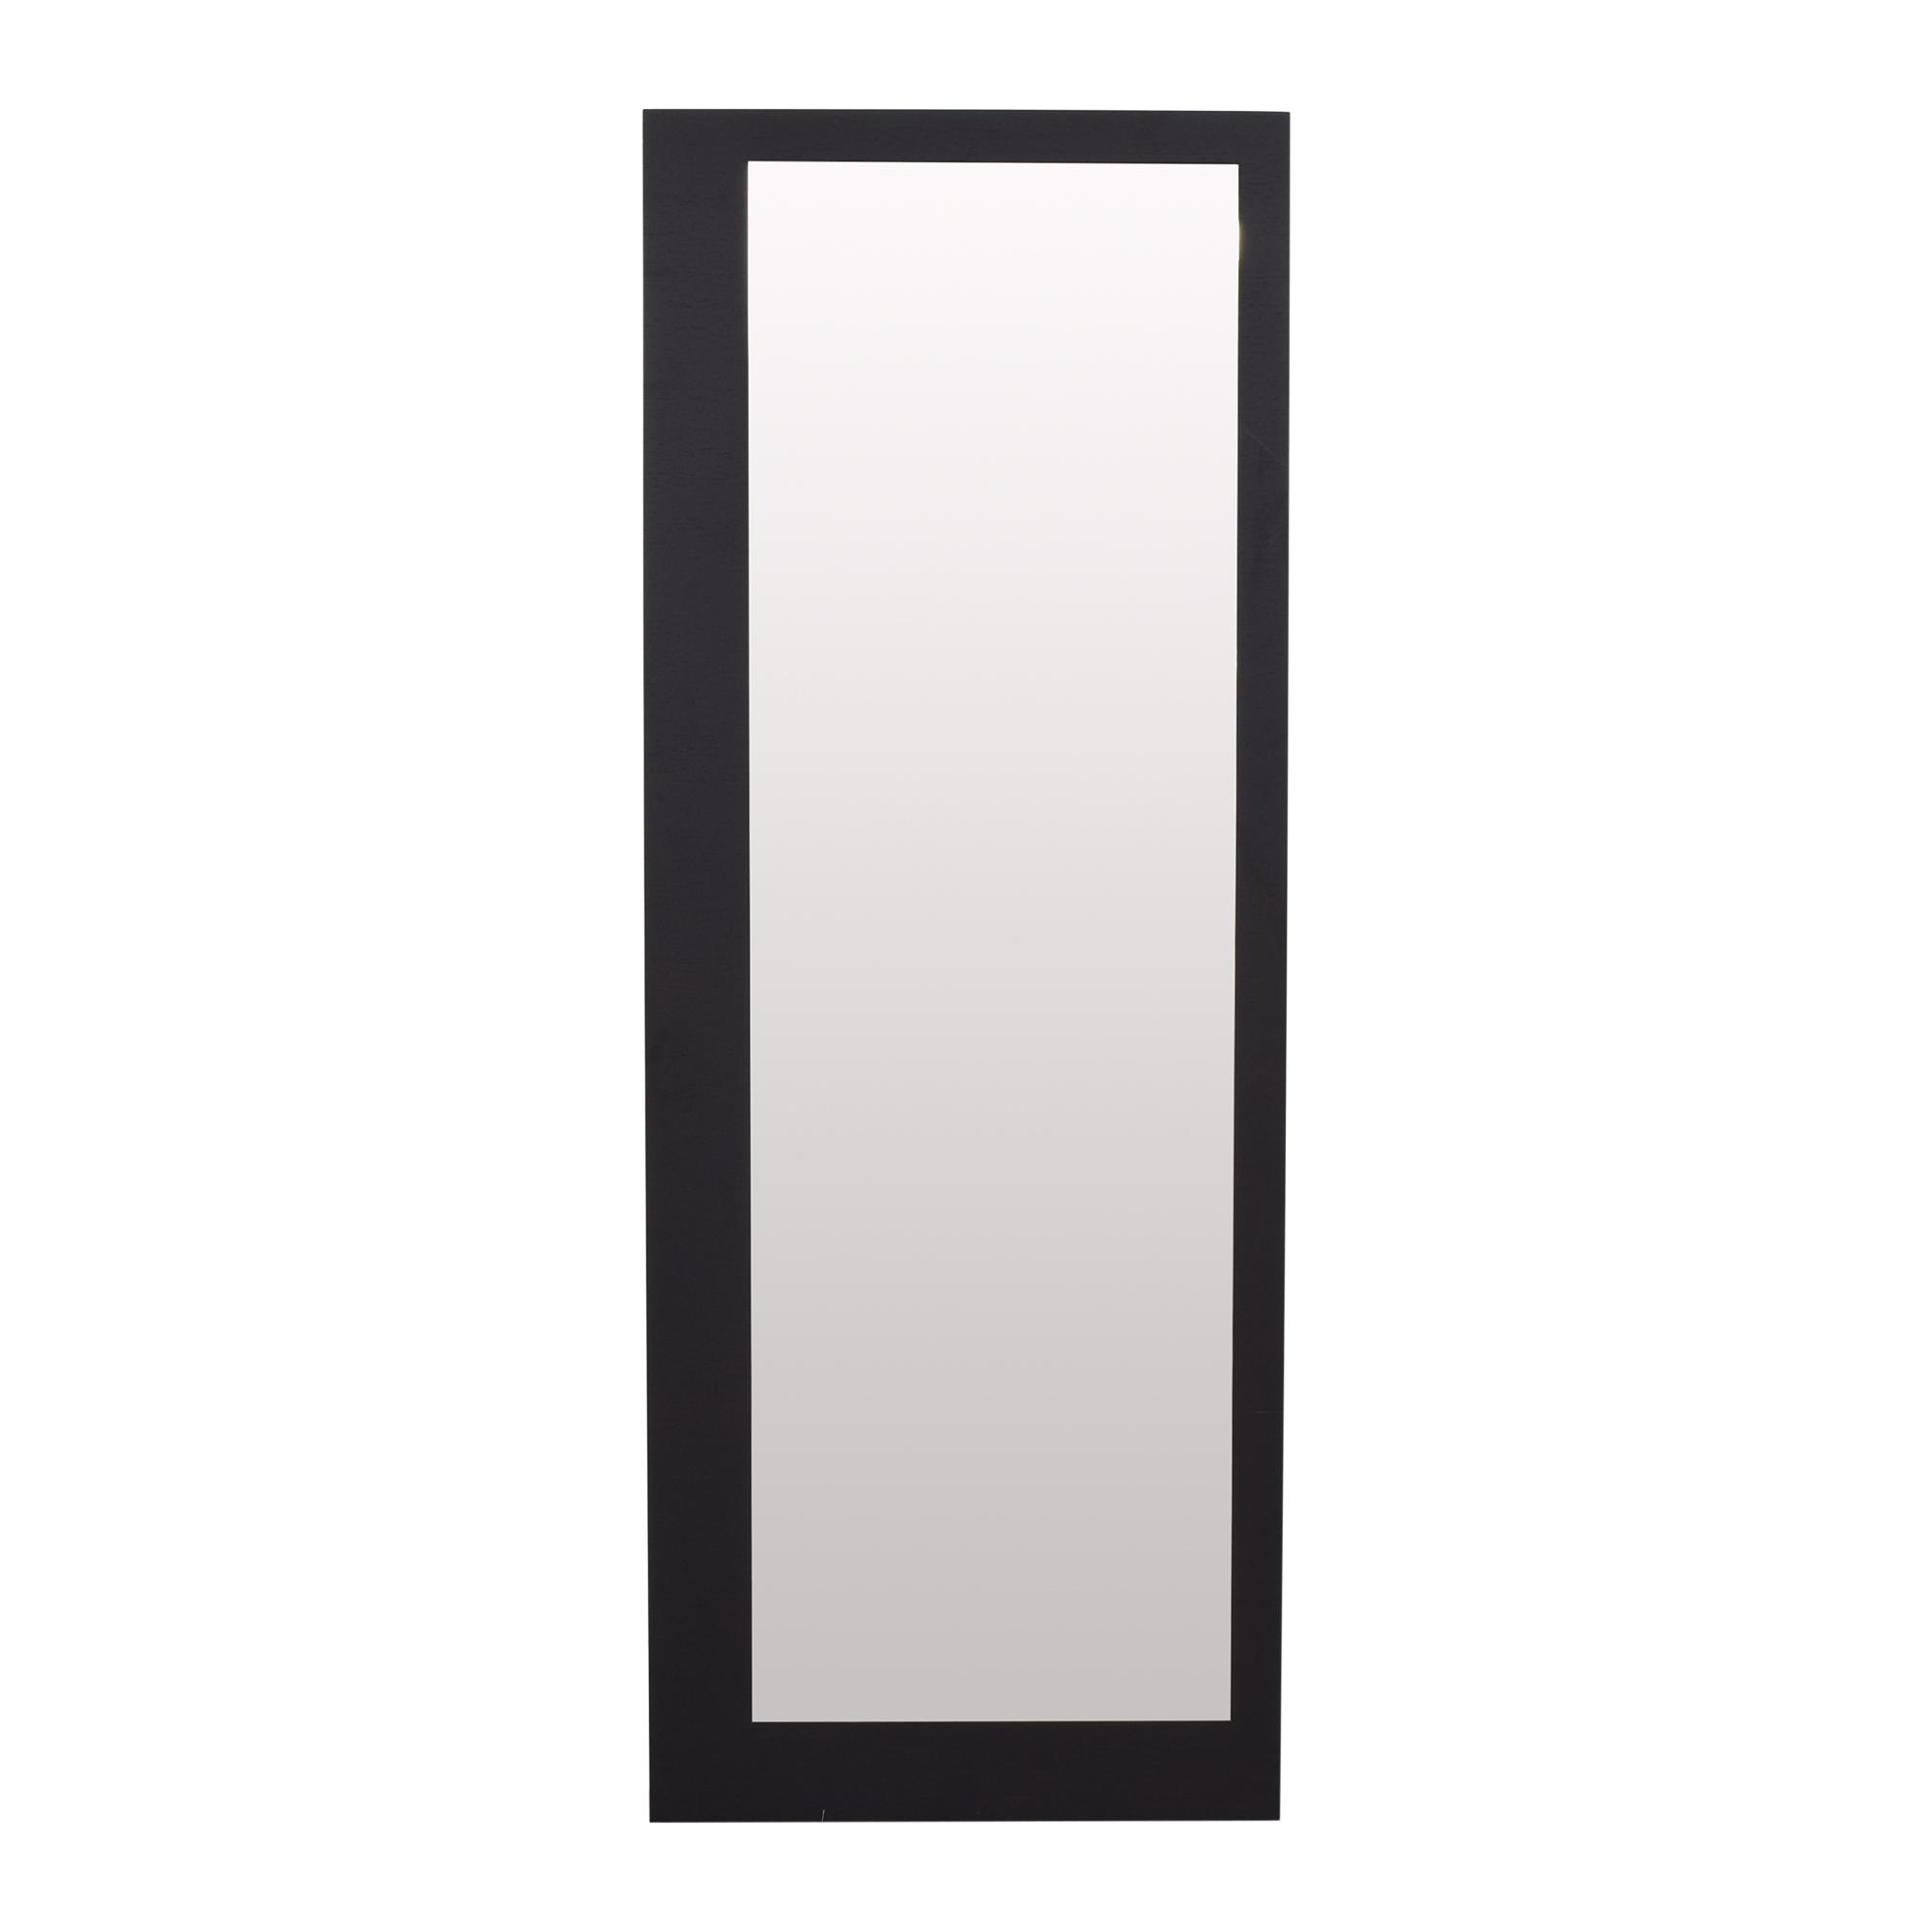 Poliform Poliform Ego Mirror dimensions